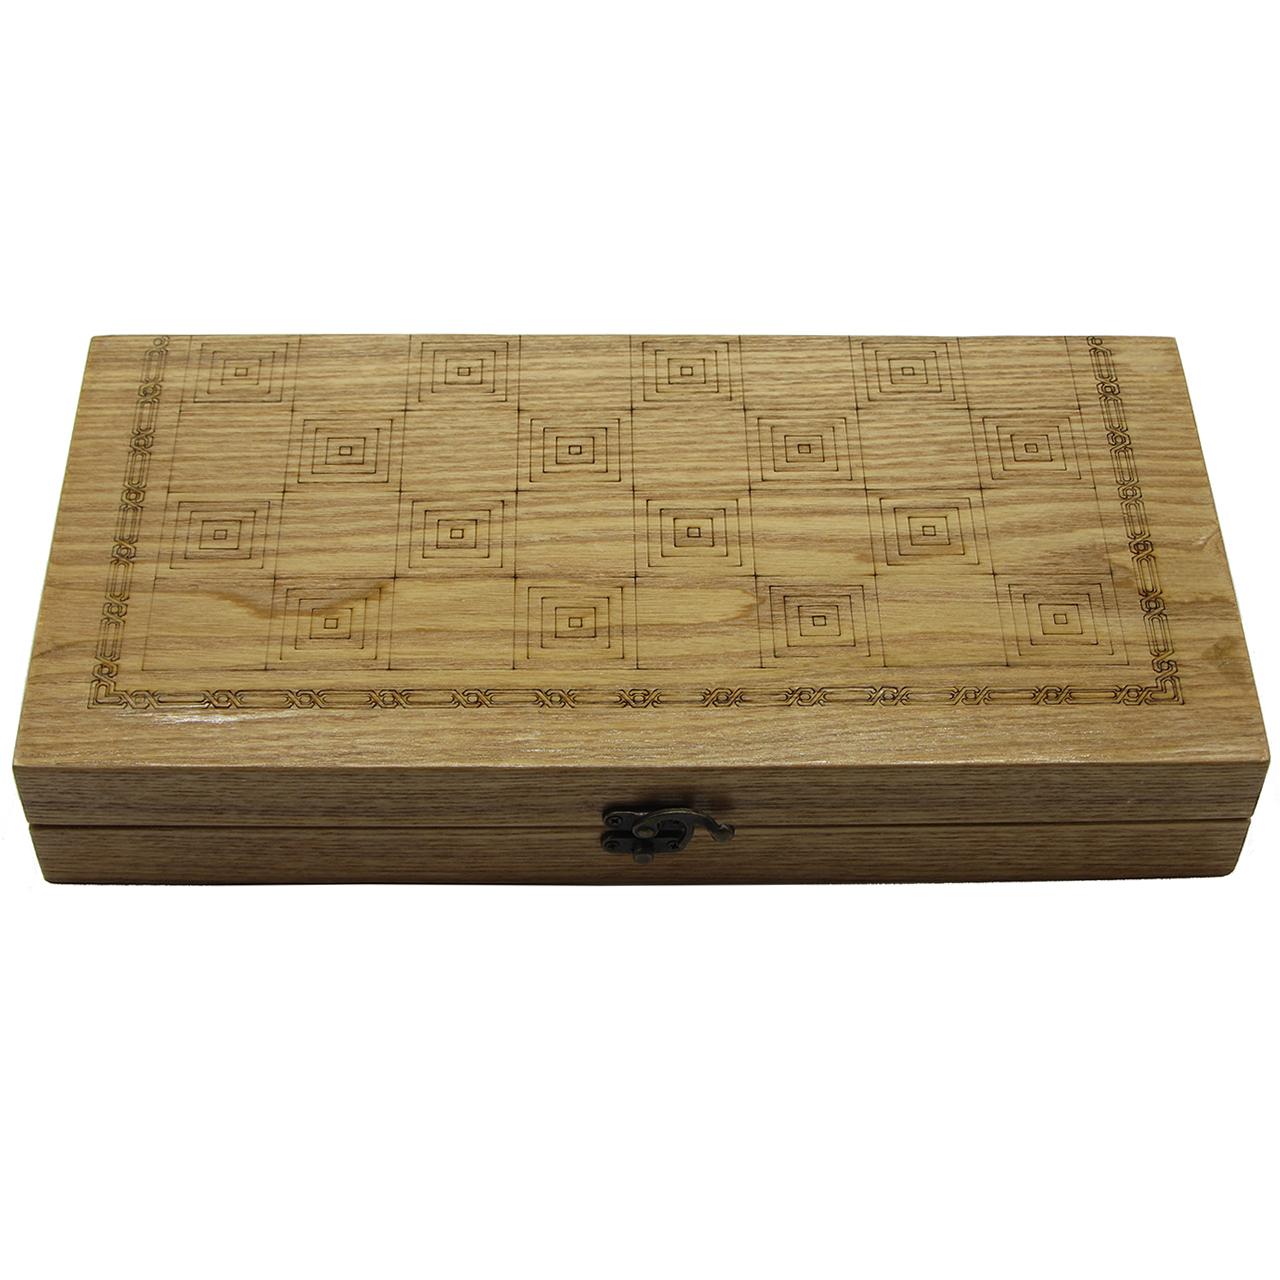 صفحه شطرنج و تخته نرد - طول 40 سانتیمتر